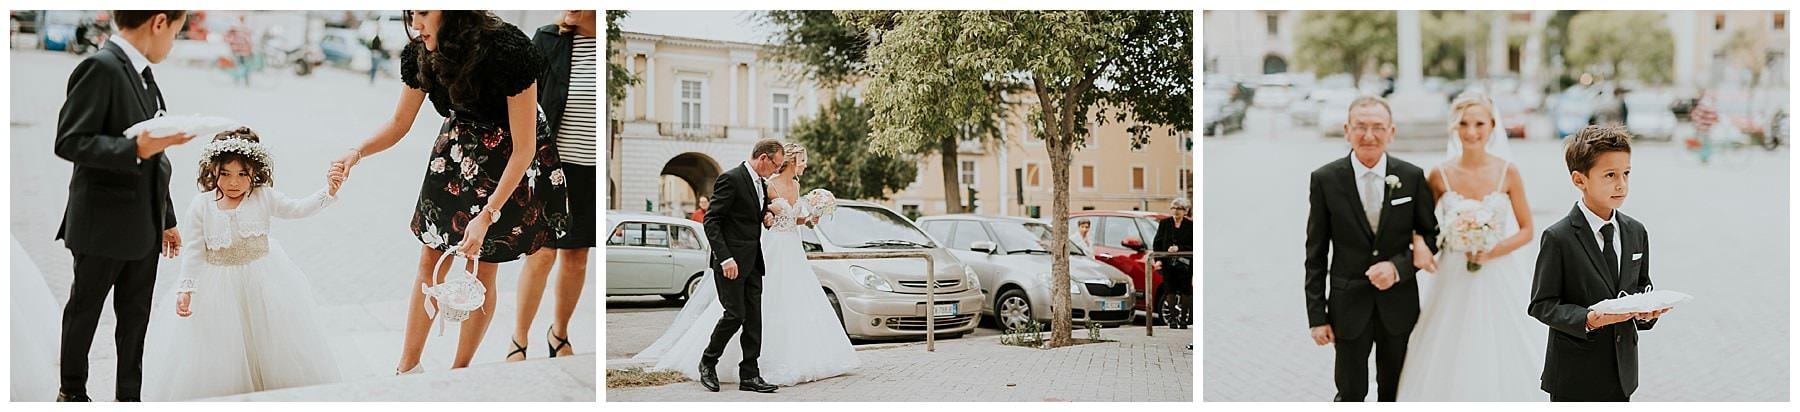 foto matrimonio foggia